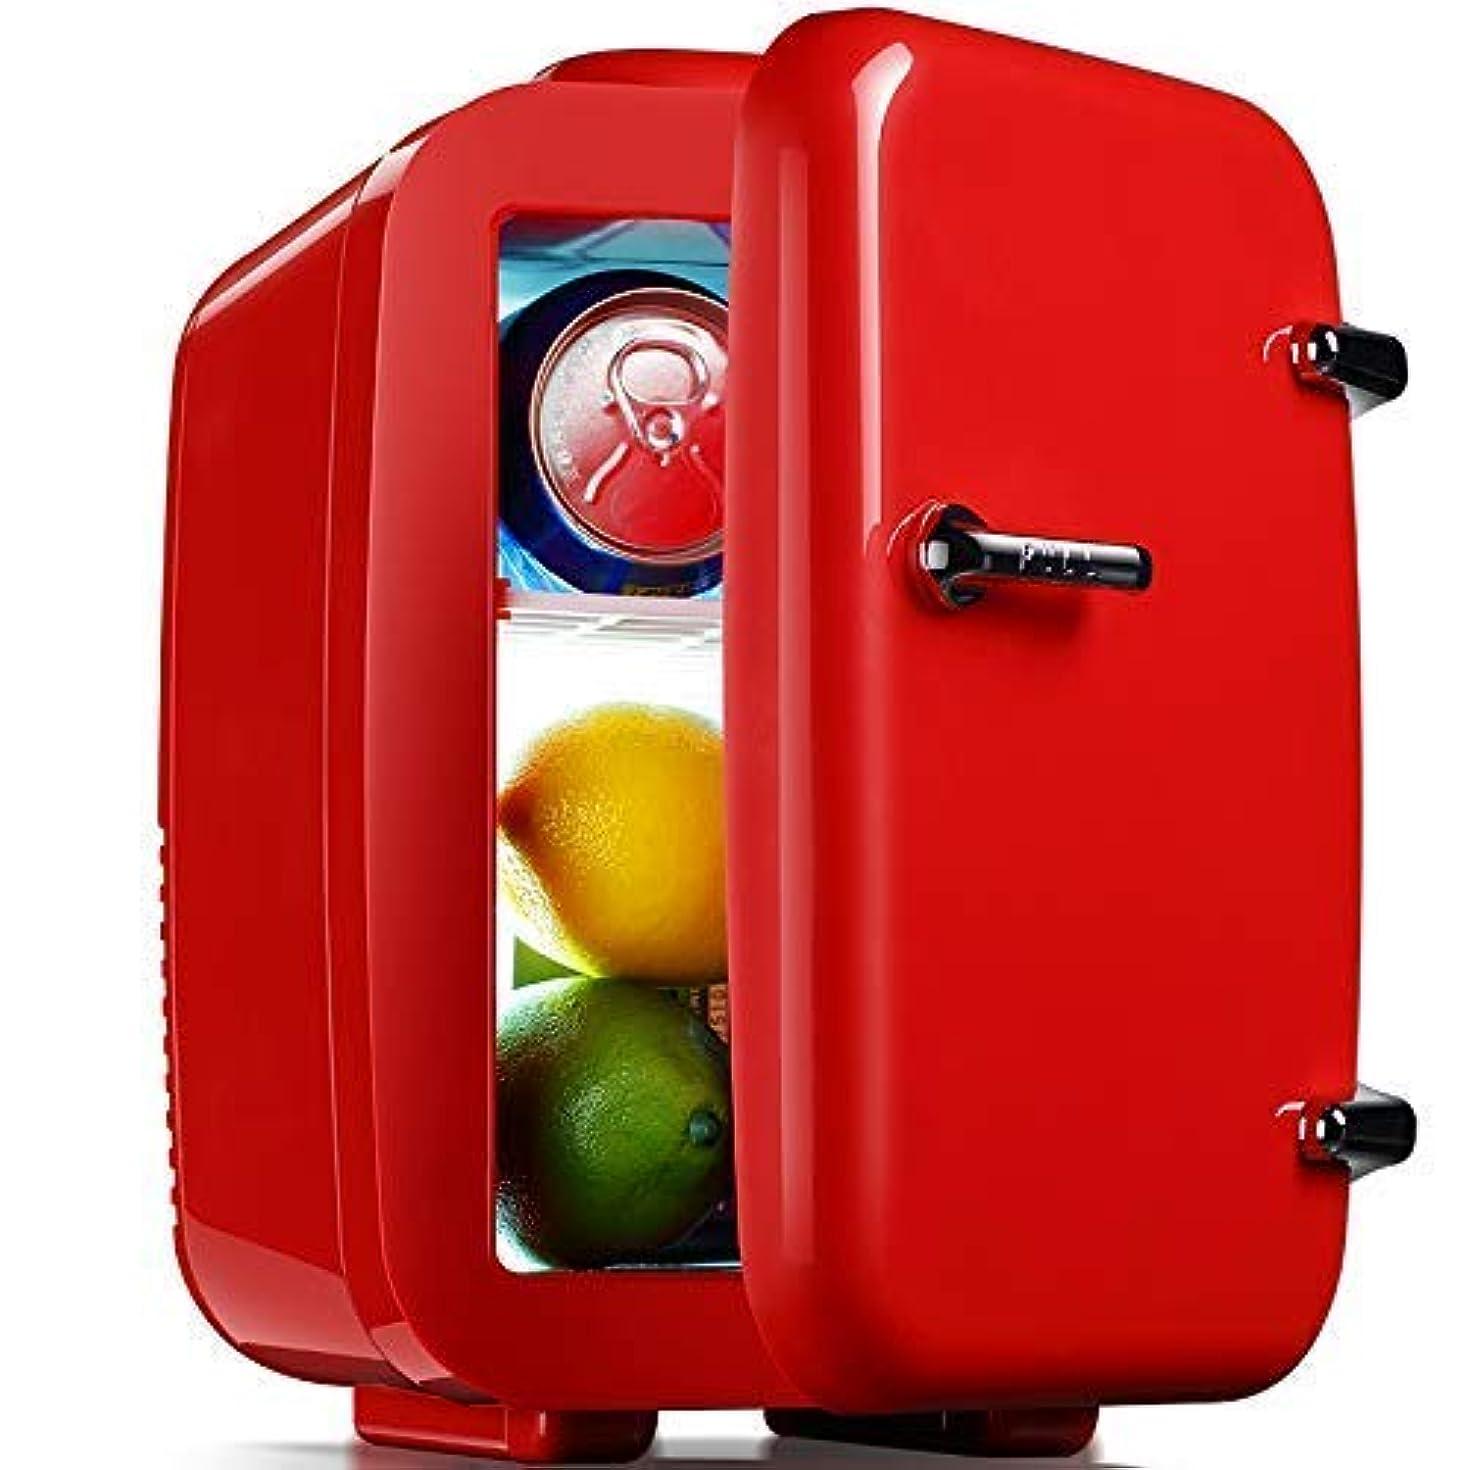 運営野なサスペンドLuckya ポータブルコンパクトパーソナル冷蔵庫クールス、4リットルの容量は6 12オンス缶、12Vと環境に優しい車の充電器を冷却します